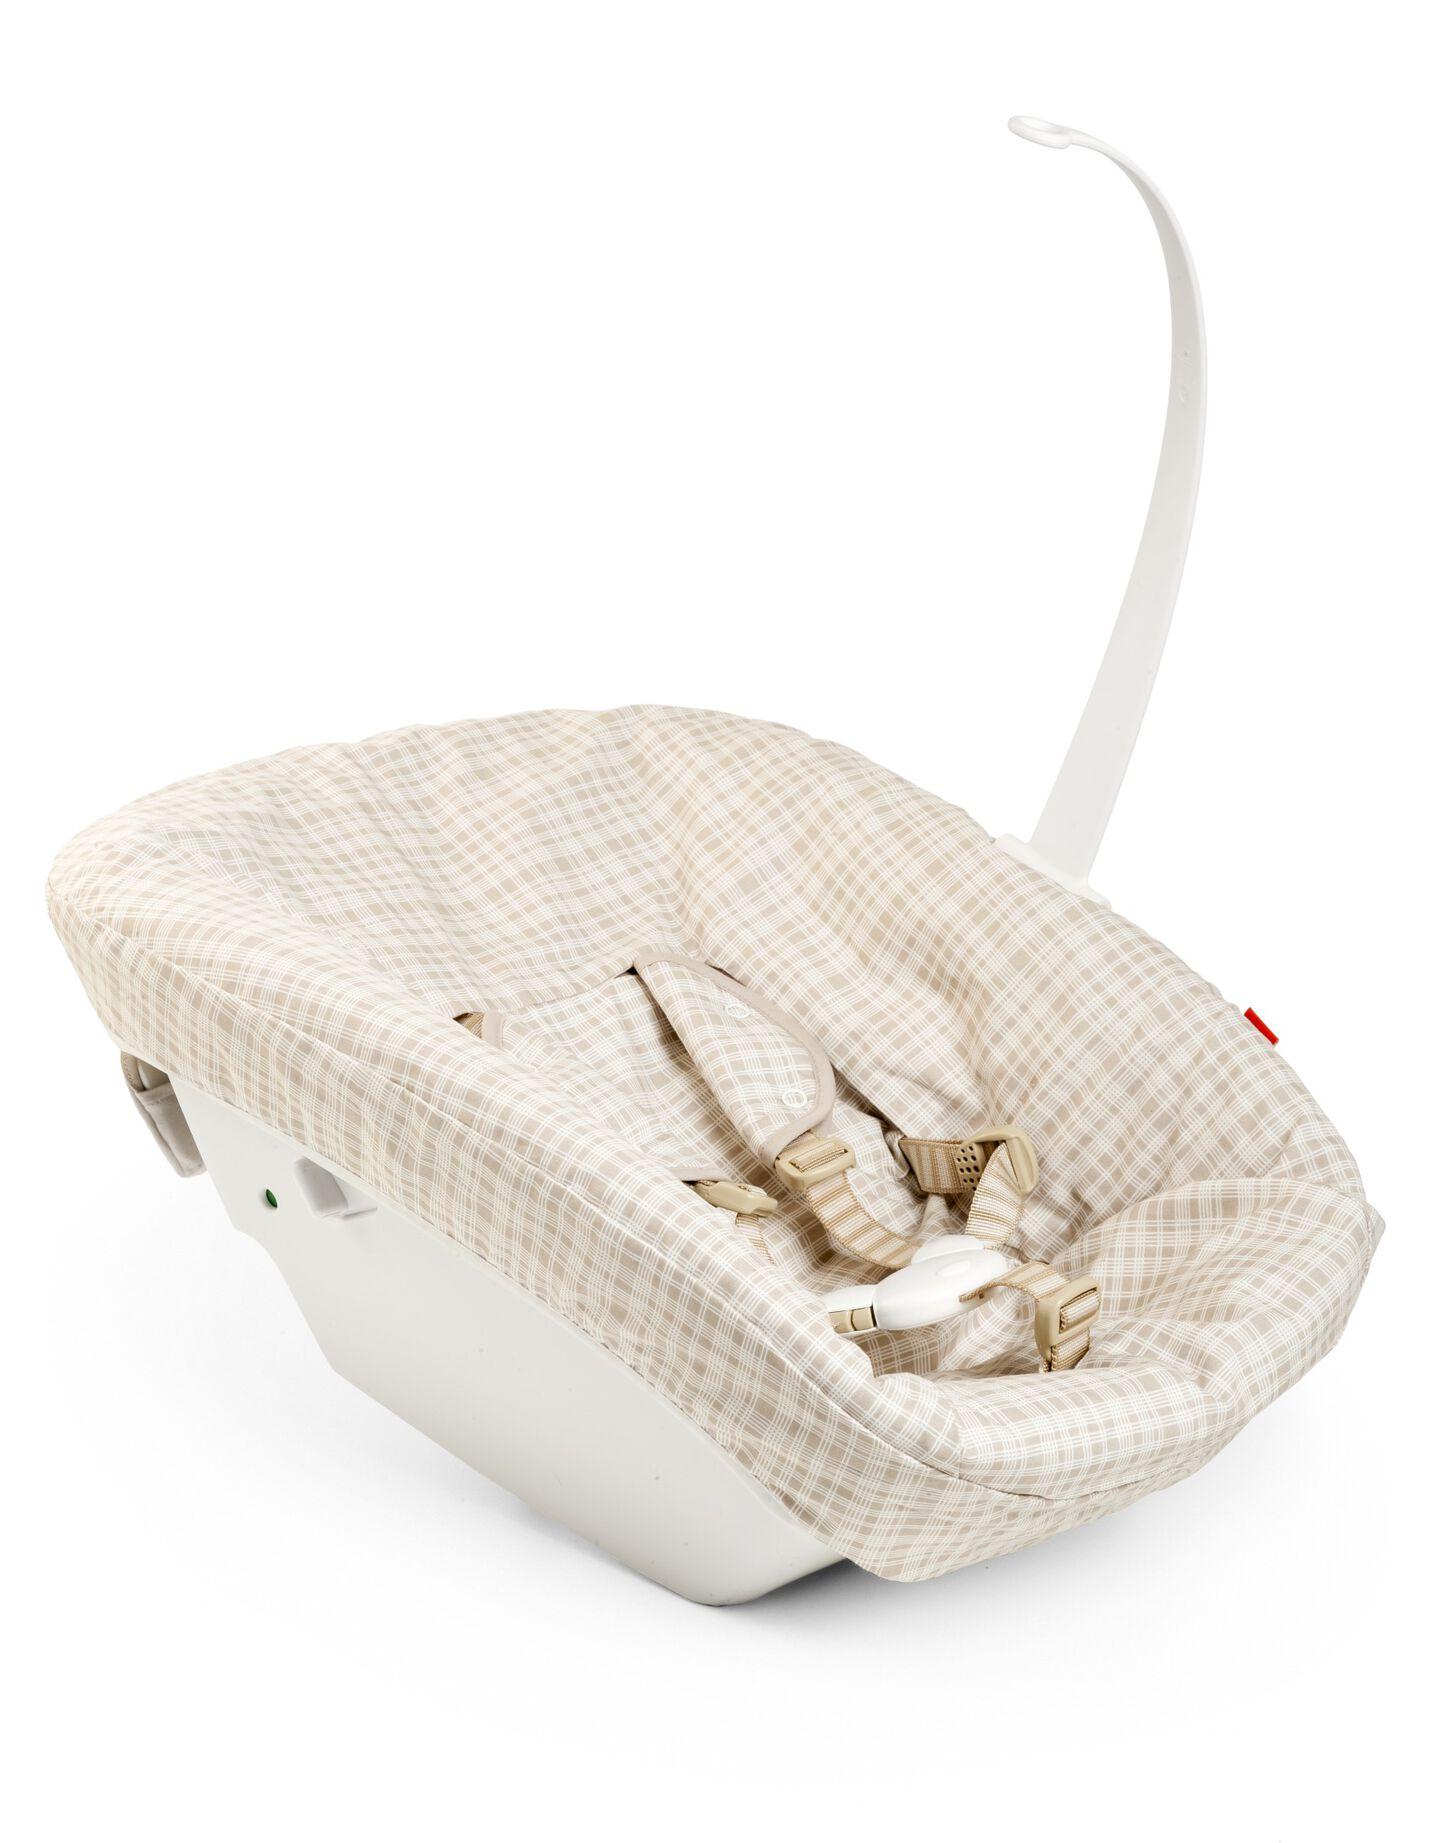 Tripp Trapp® Newborn Set with Beige Check textile.